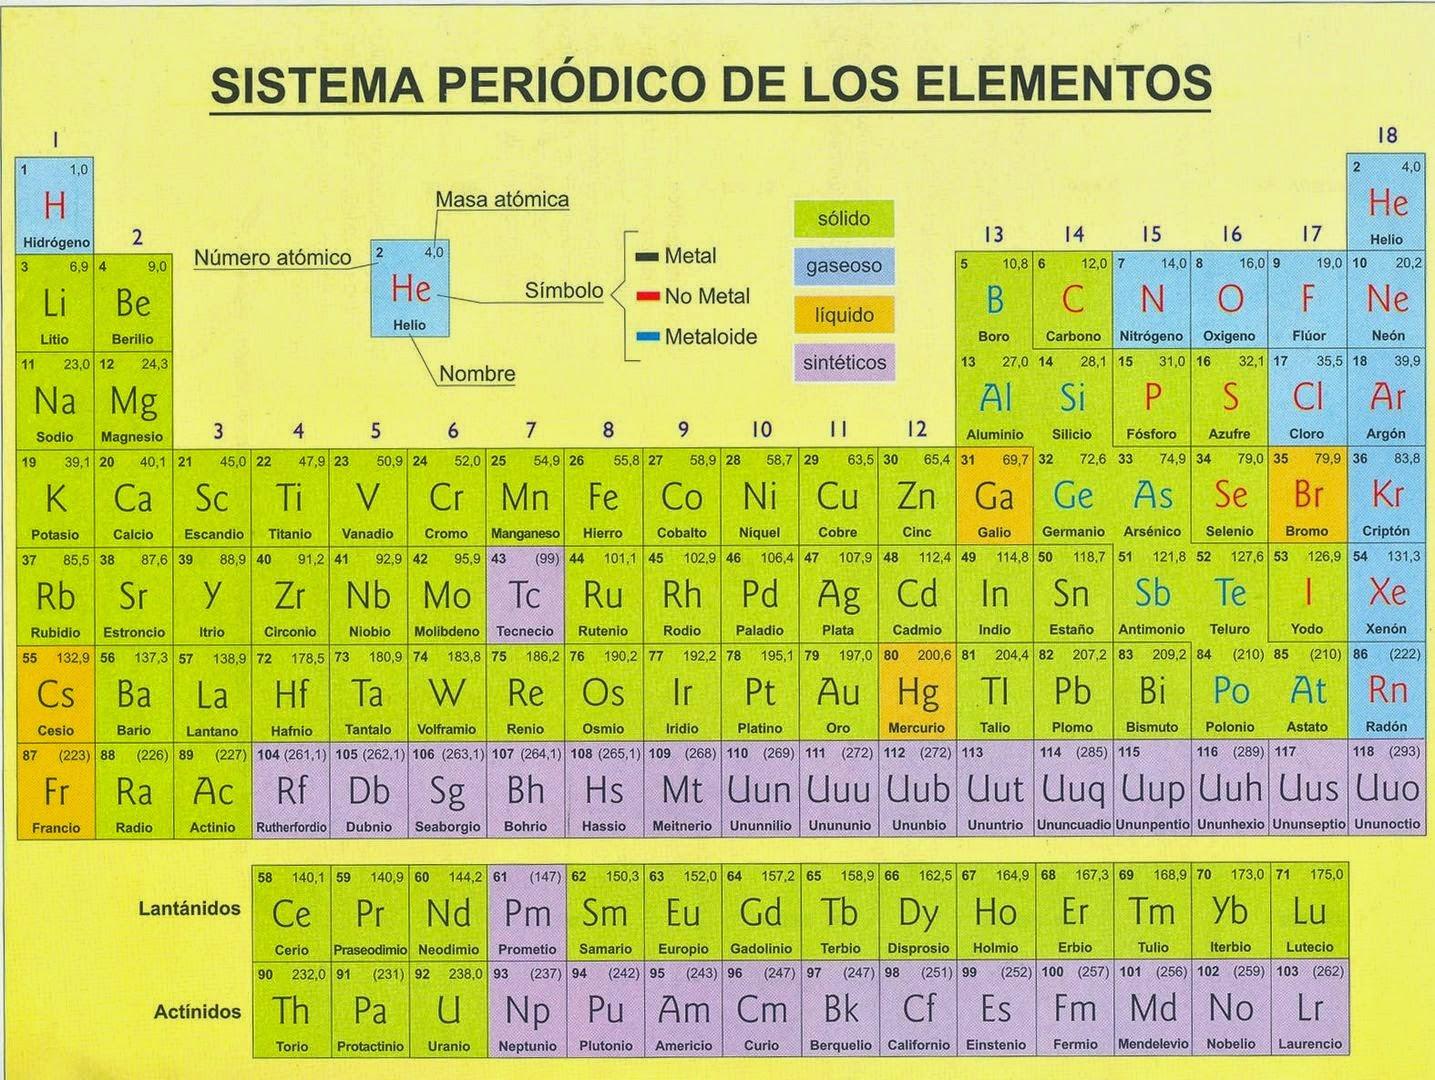 Fsica y qumica en secundaria concurso de formulacin en este enlace os dejo una tabla peridica interactiva para que vayis familiarizndoos con los smbolos urtaz Choice Image